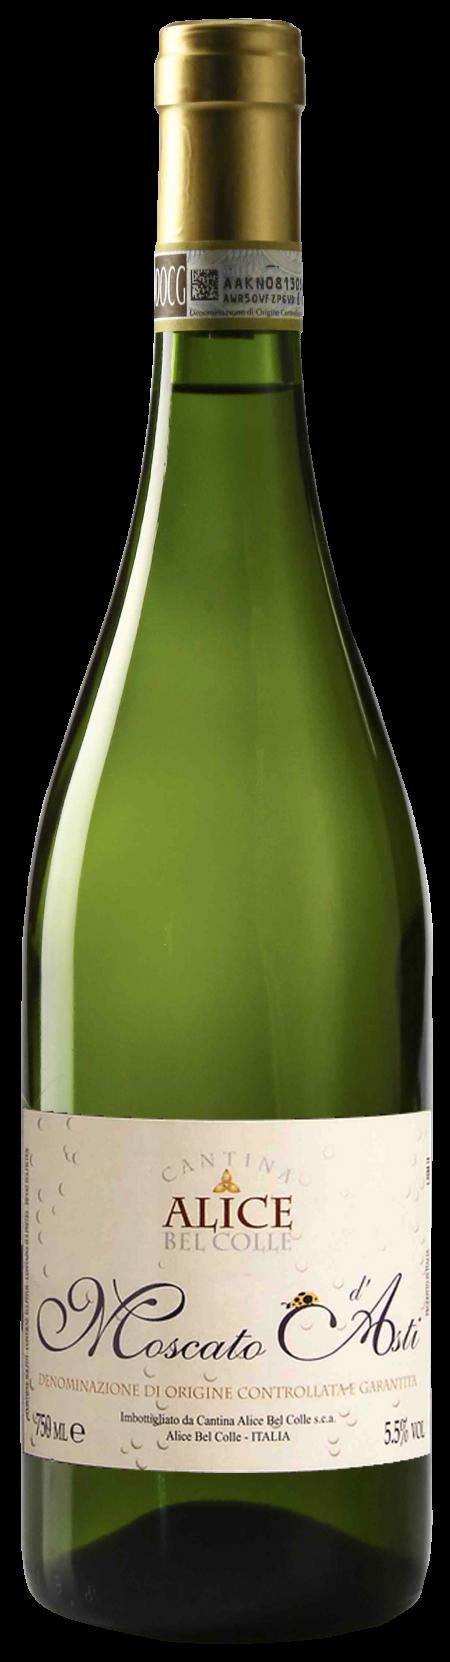 2017 Moscato D'Asti D.O.C.G